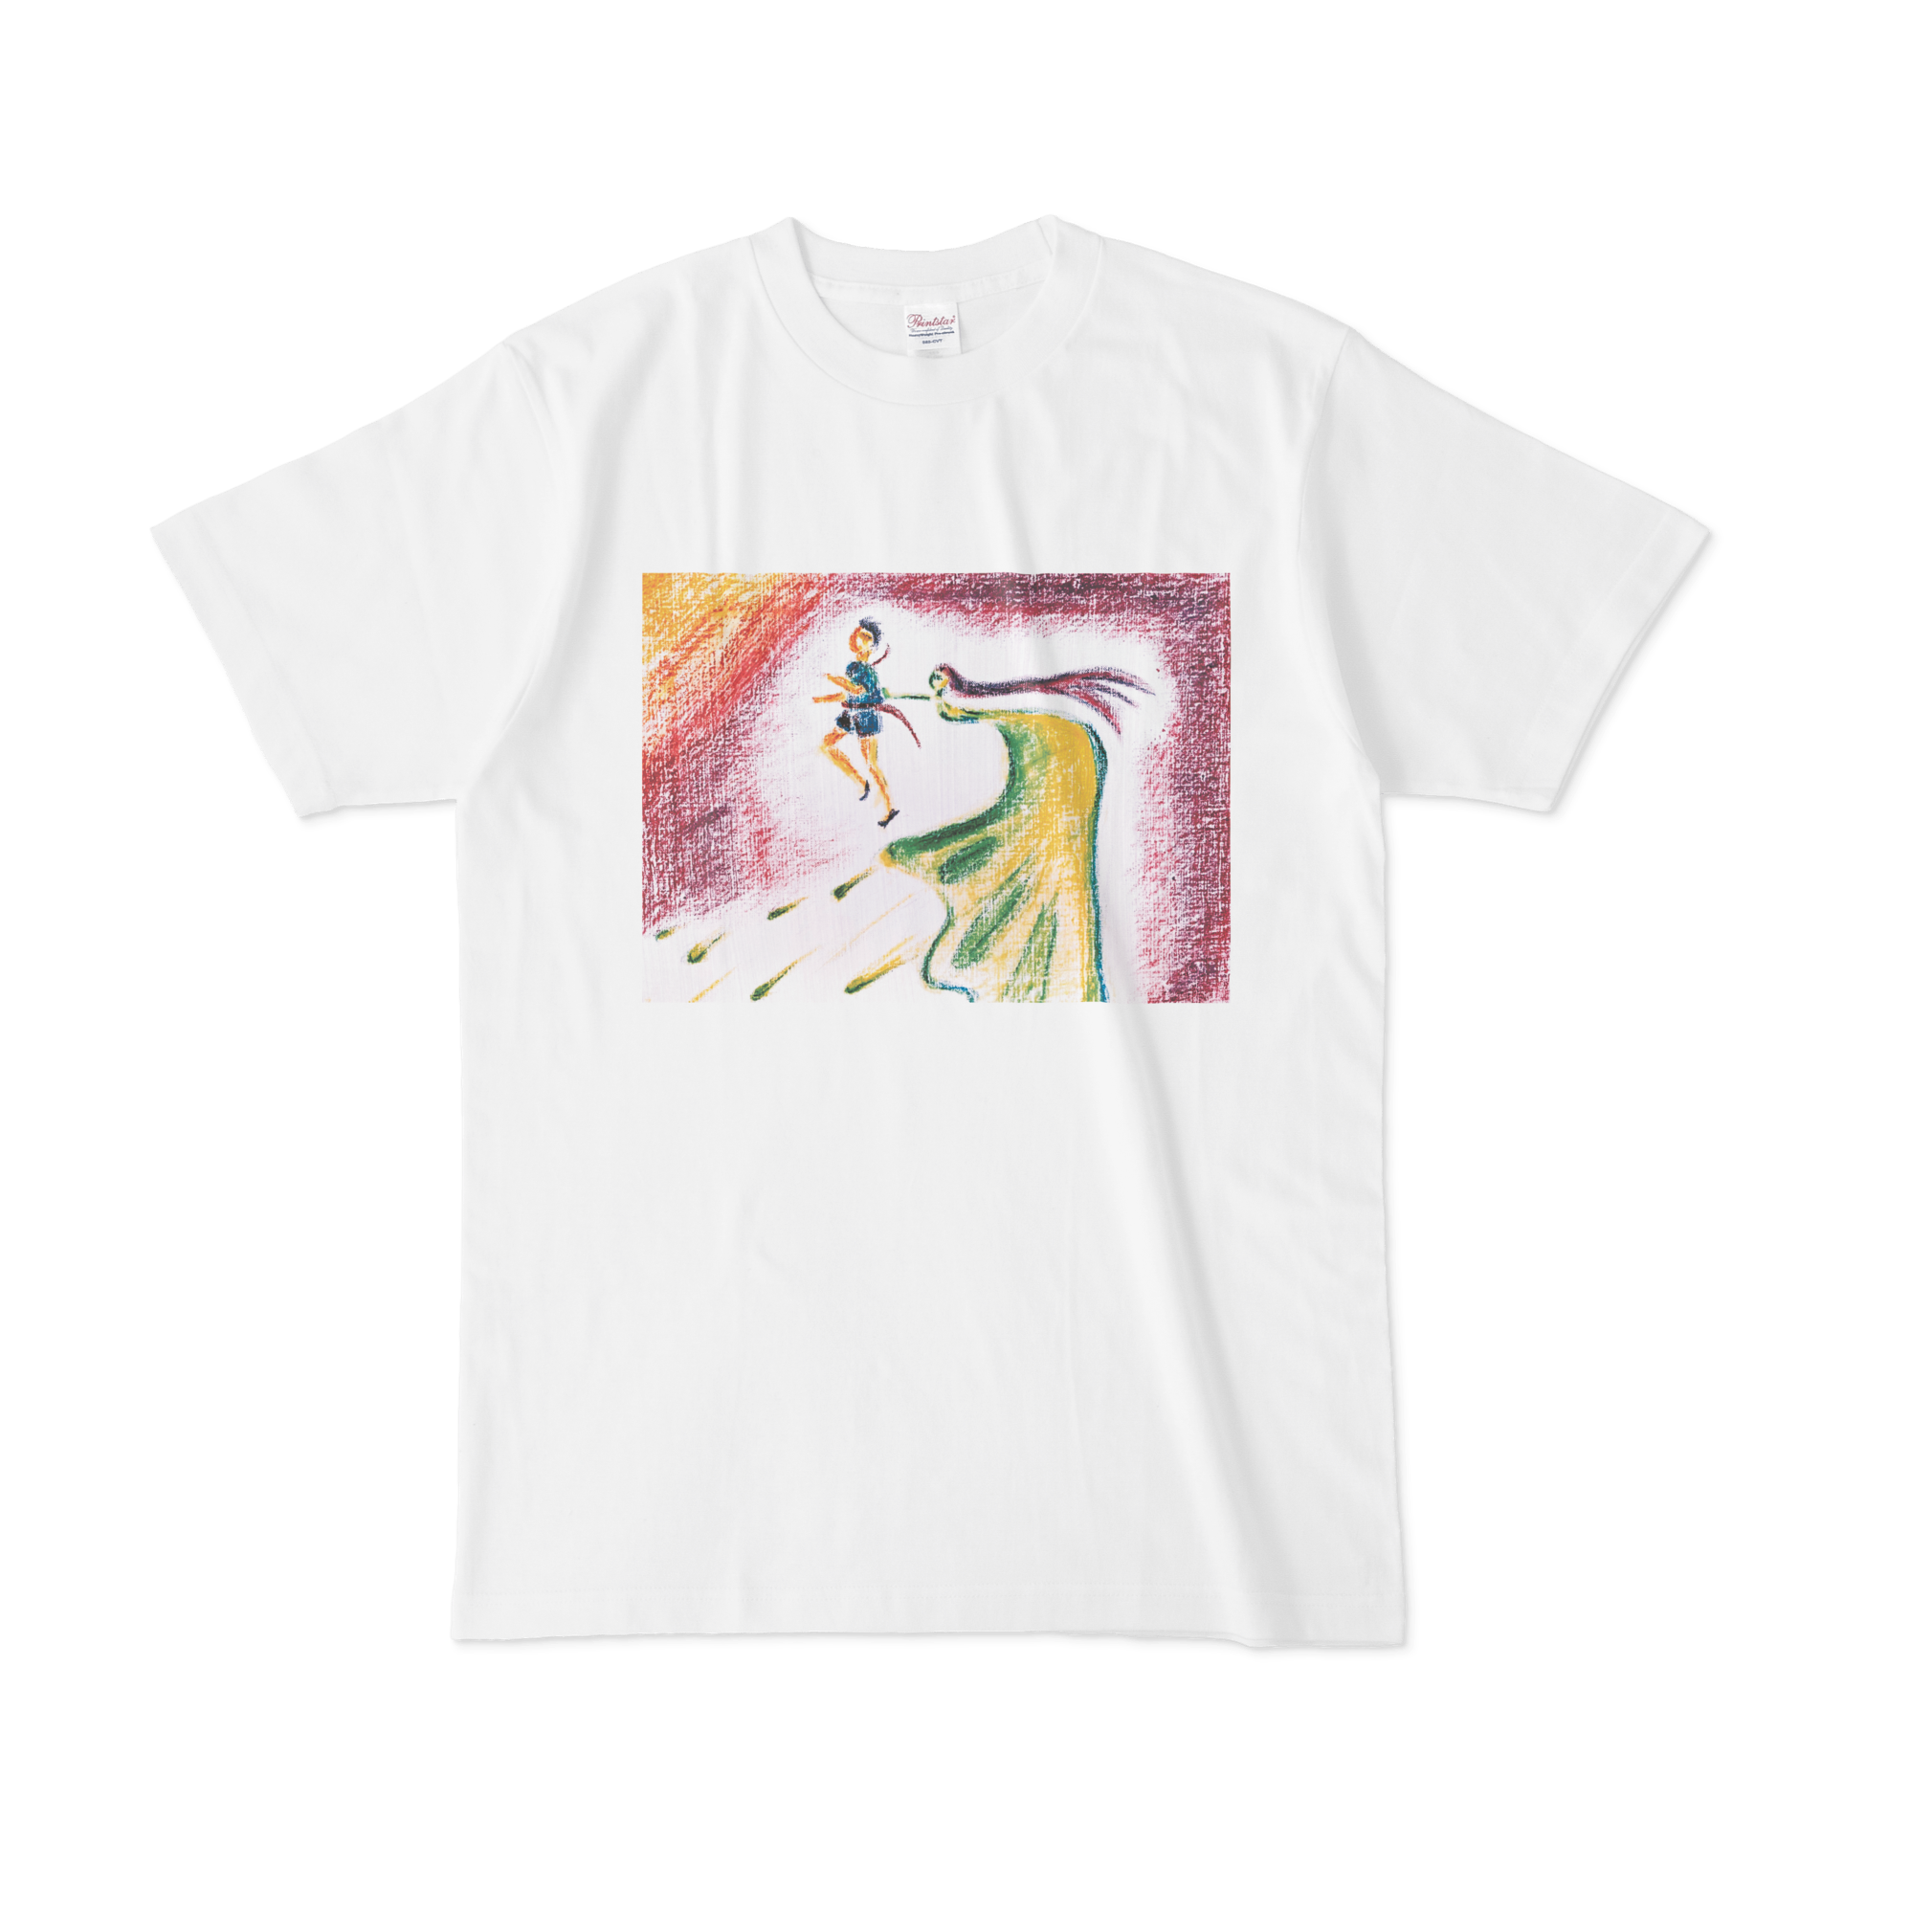 【税込・送料無料】飯田結万(純粋カフェ・ラッテ)デザインTシャツ「追い風」